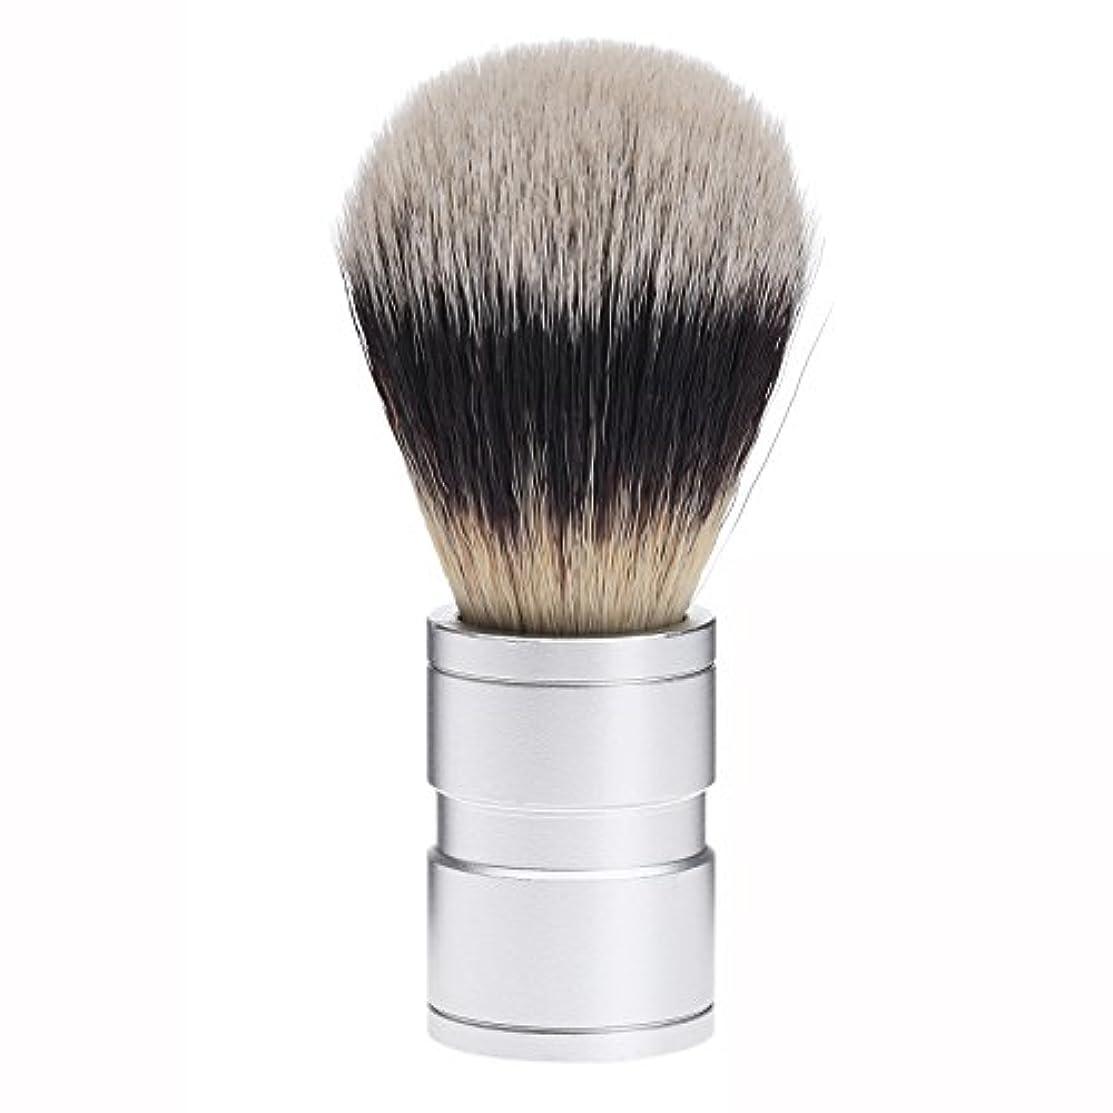 持続する時期尚早スリルDophee  シェービング用ブラシ シェービングブラシ メンズ 洗顔ブラシ イミテーションアナグマ毛 ファイン模倣 理容 洗顔 髭剃り